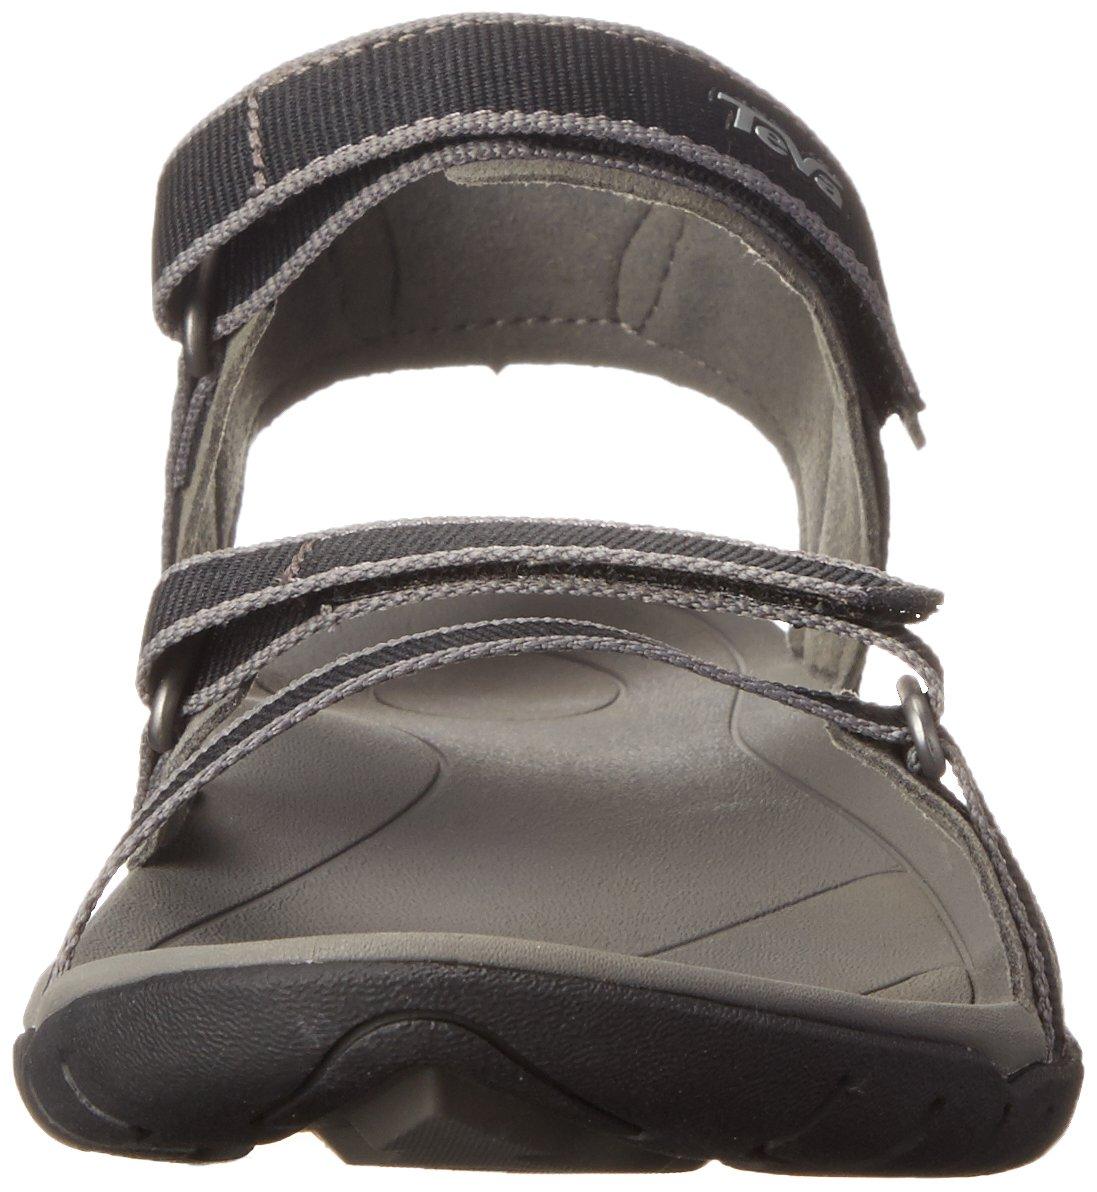 Teva Women's B07BR727LQ Verra Sandal B07BR727LQ Women's 11 D(M) US|Black 181483